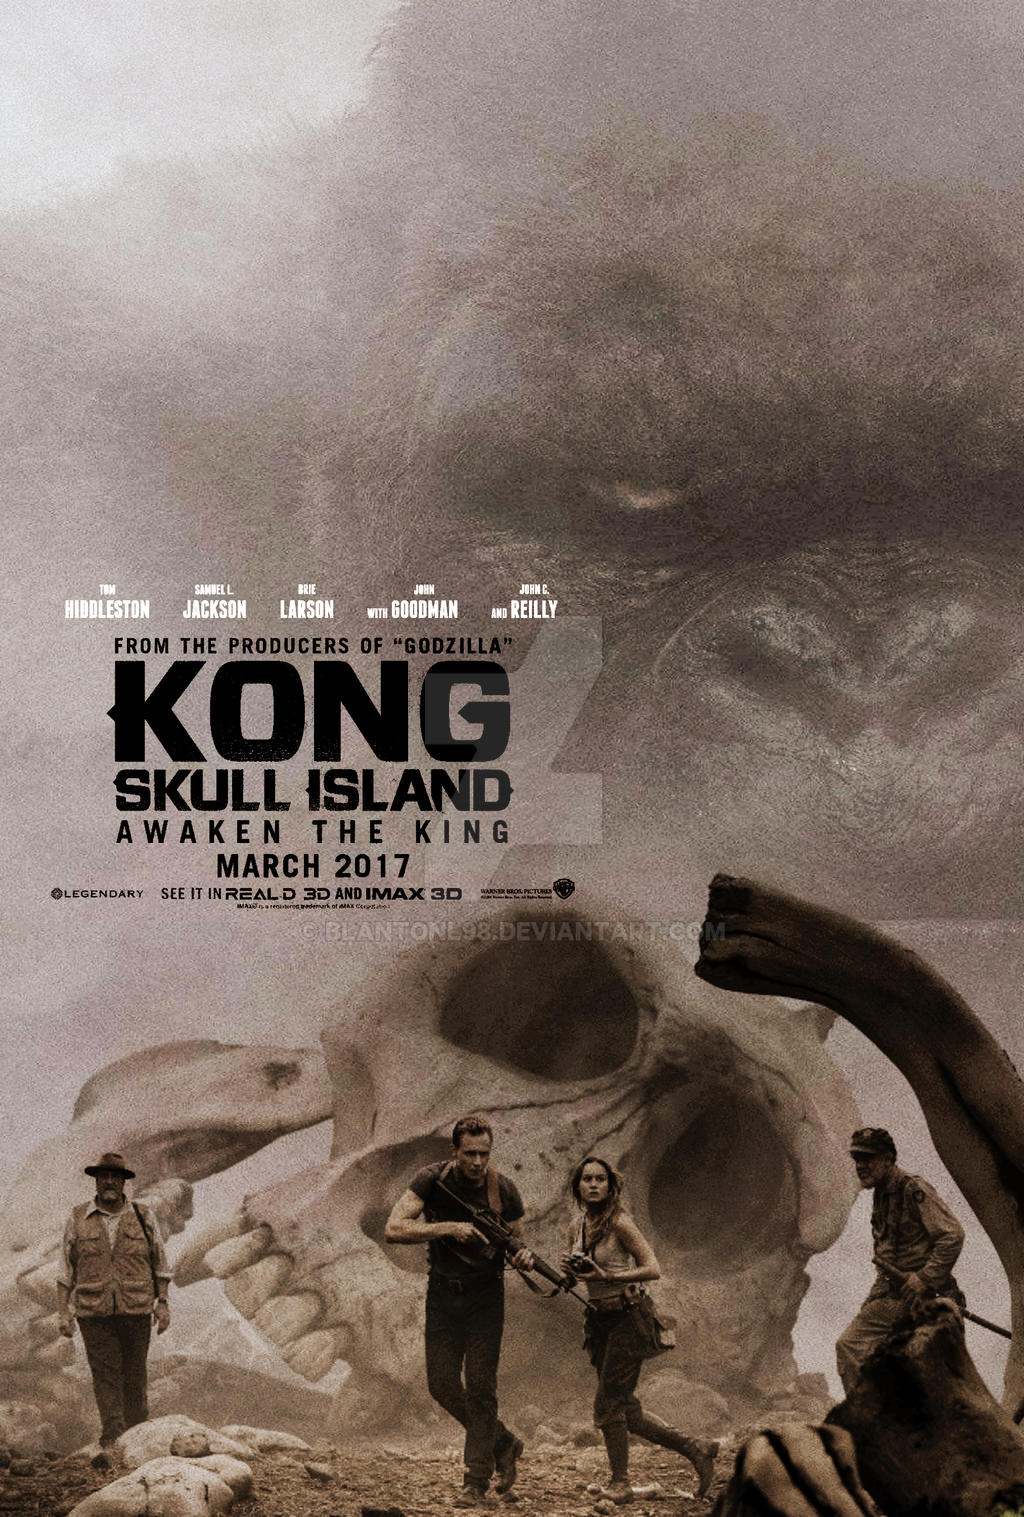 Kinofilm Kong